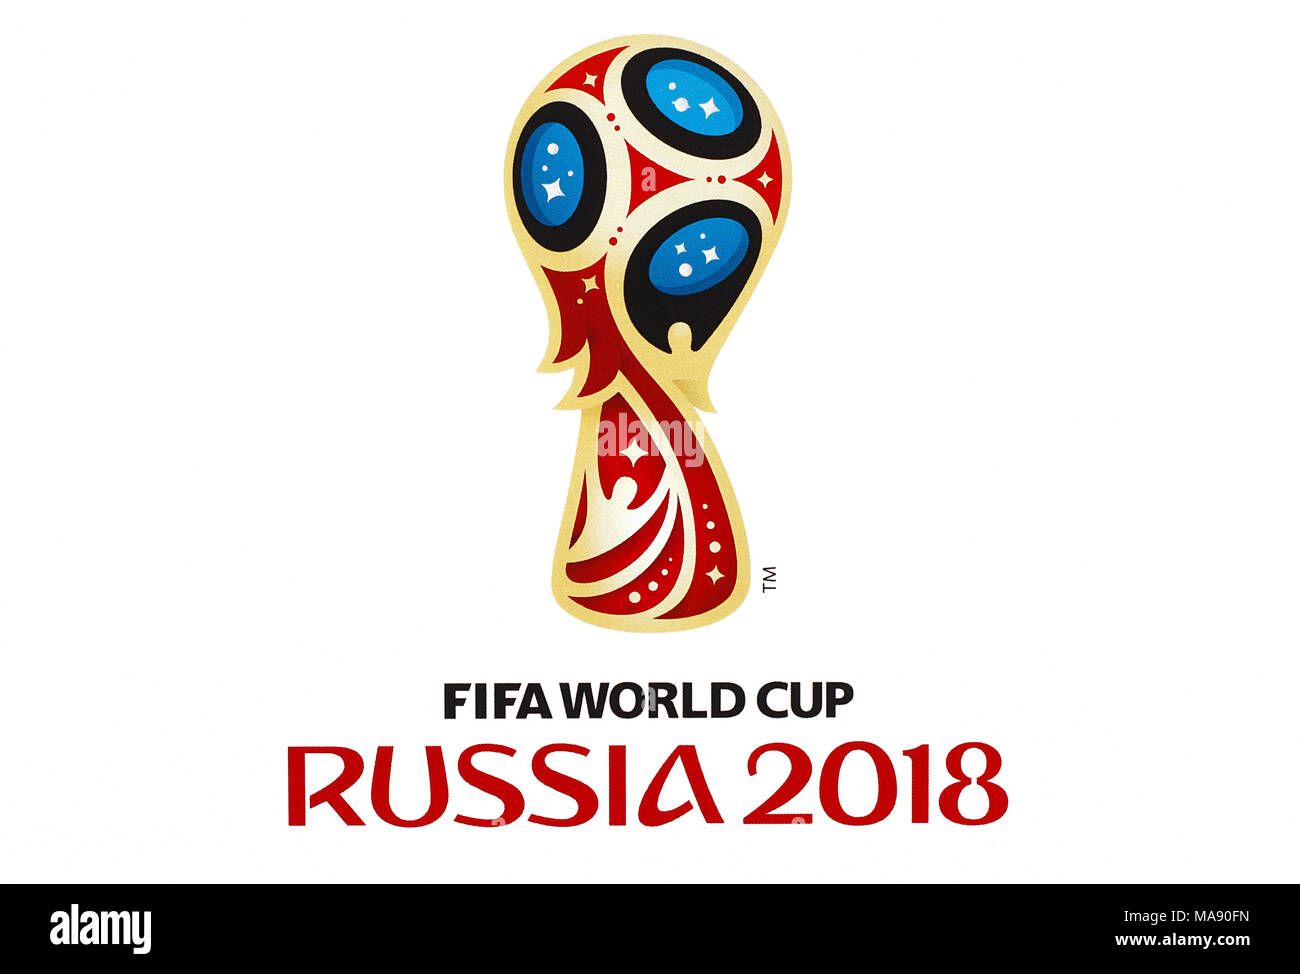 GDANSK, Pologne - 20 mars, 2018. Championnat du monde de football en Russie, un logo de la Coupe du Monde 2018 album autocollant. Editorial seulement! Photo Stock